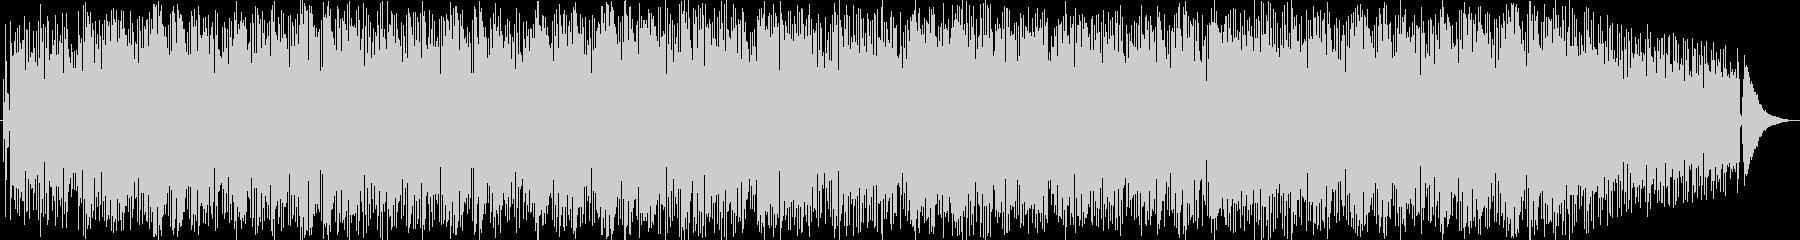 ラテン ジャズ バサノバ ゆっくり...の未再生の波形